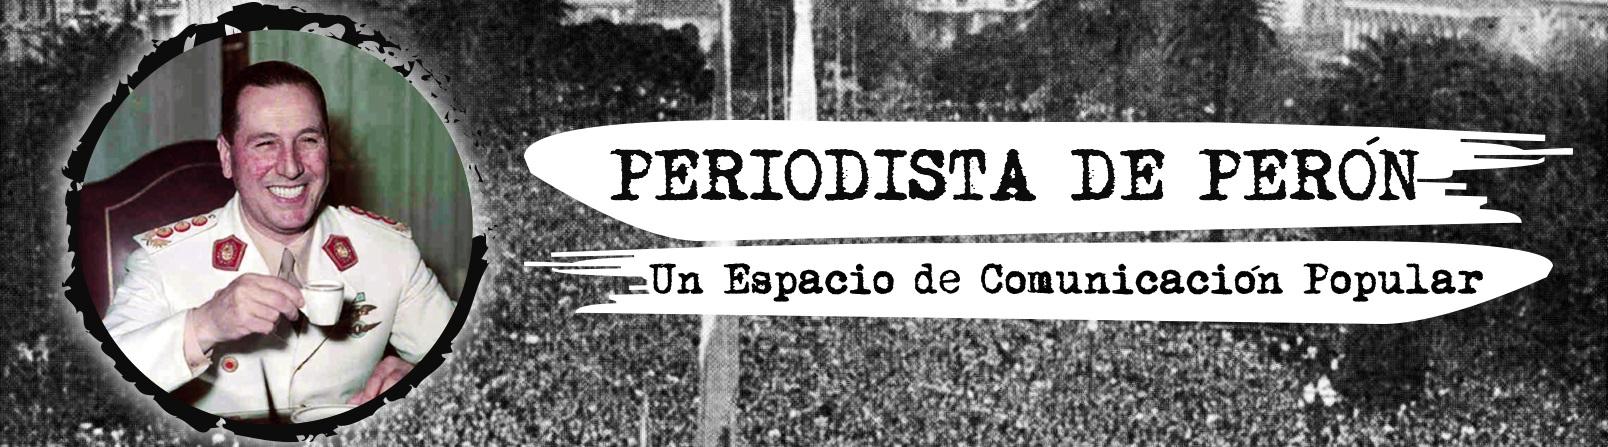 Periodista de Perón